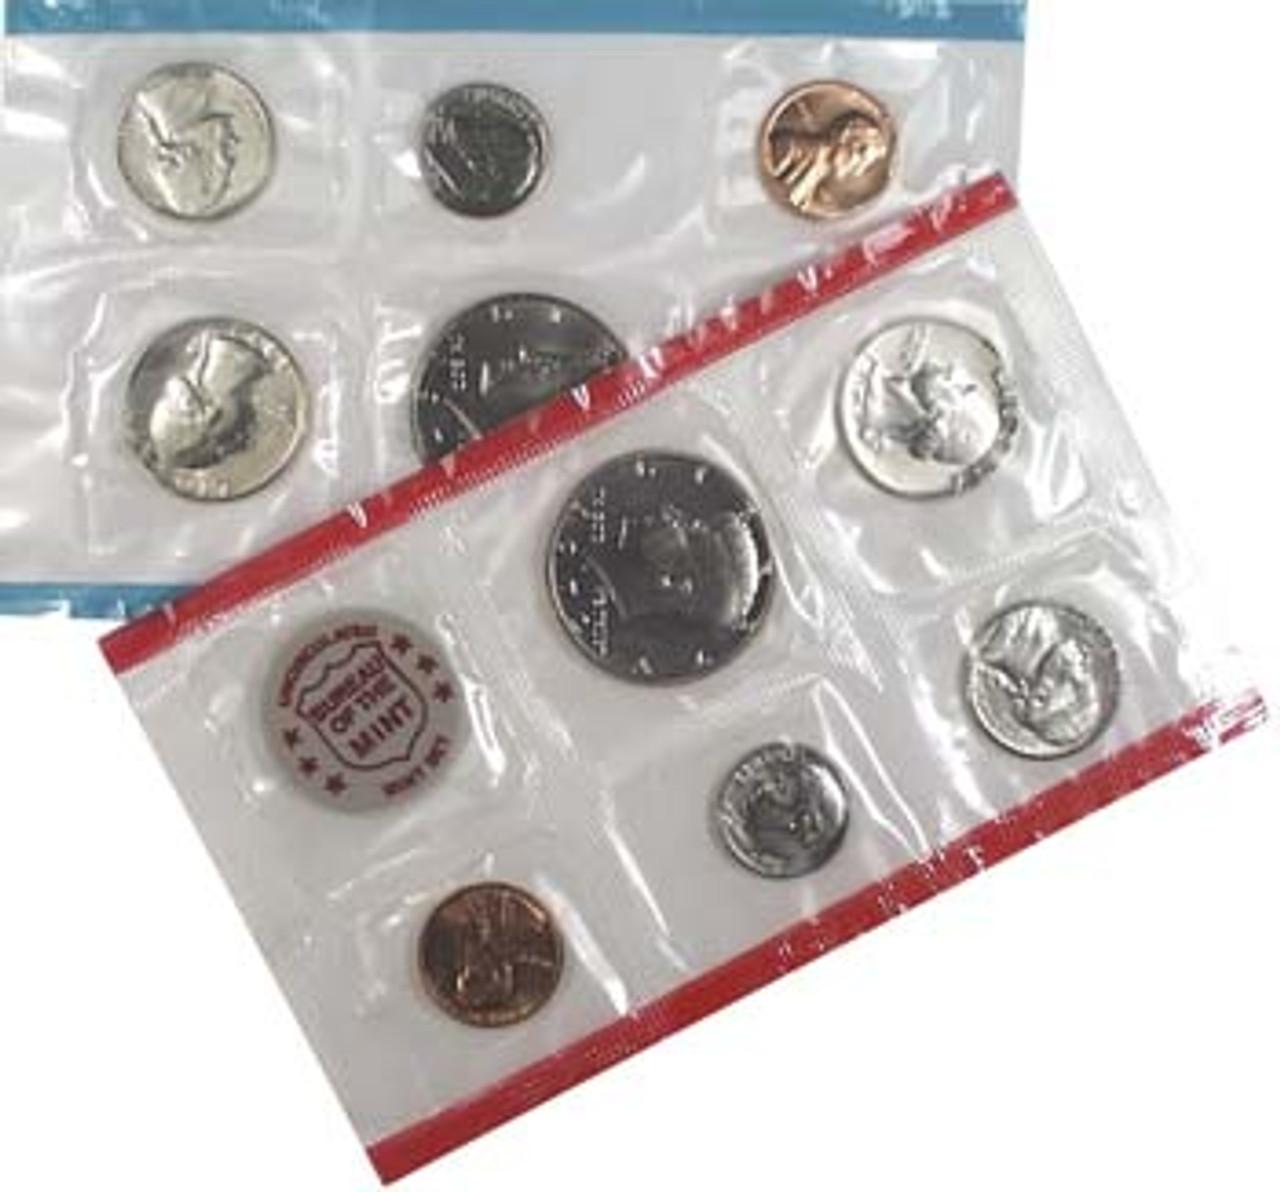 1972 Mint Set 11 Coins Image 1